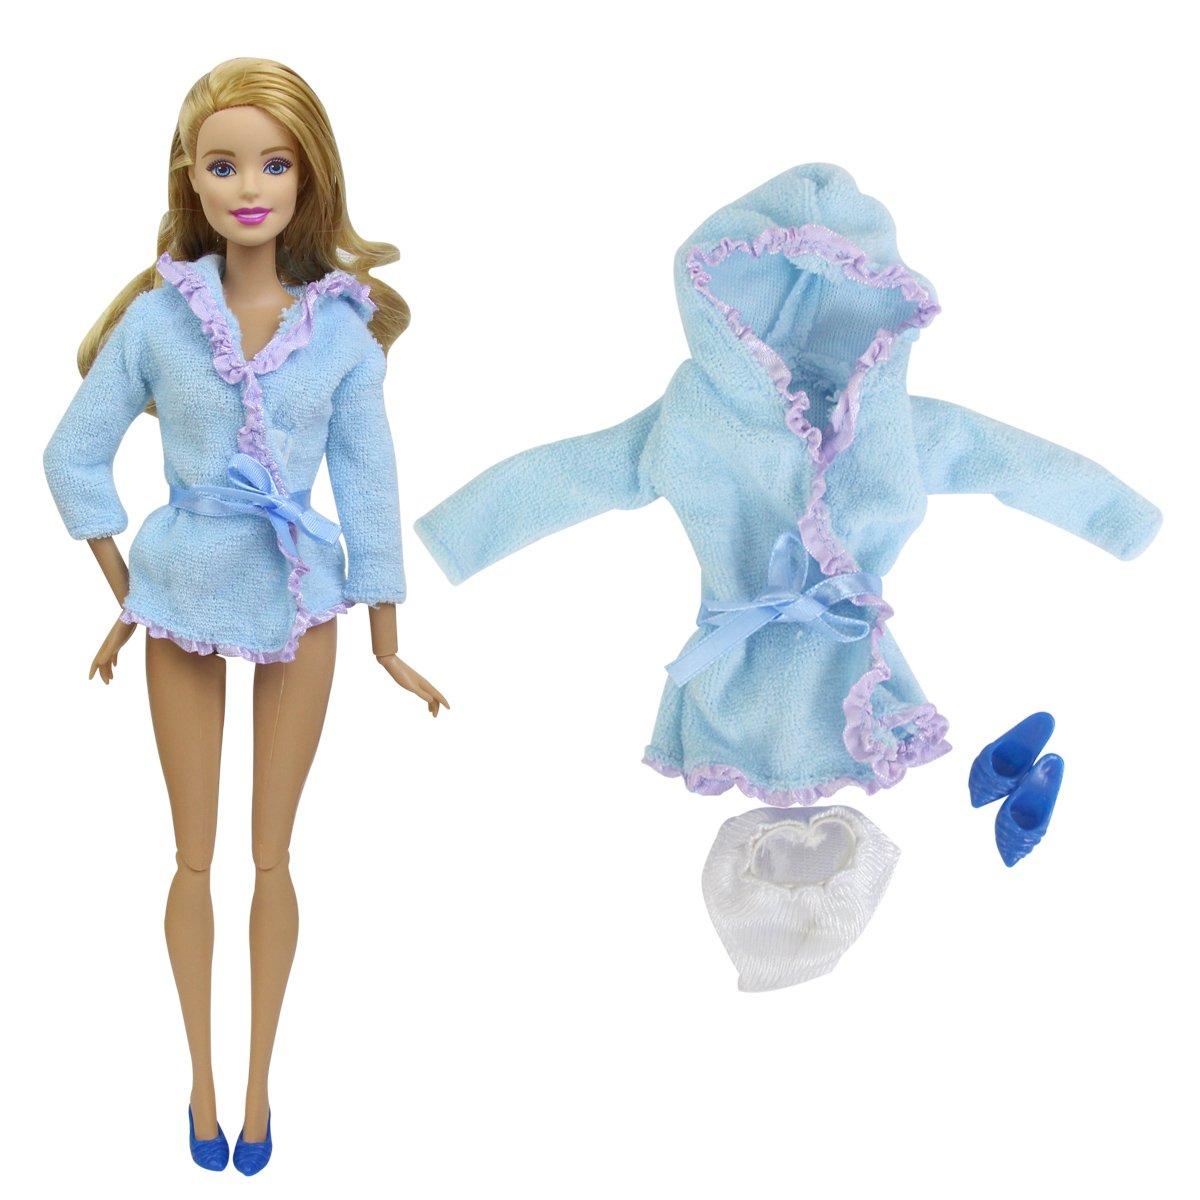 Amazon.es: ZITA ELEMENT Ropa Barbie 2 Sets Albornoces para Barbie Hechas a Mano (Ropa Interior O Toalla) + Zapatos para Barbie -para 11.5 Pulgadas / 30cm ...